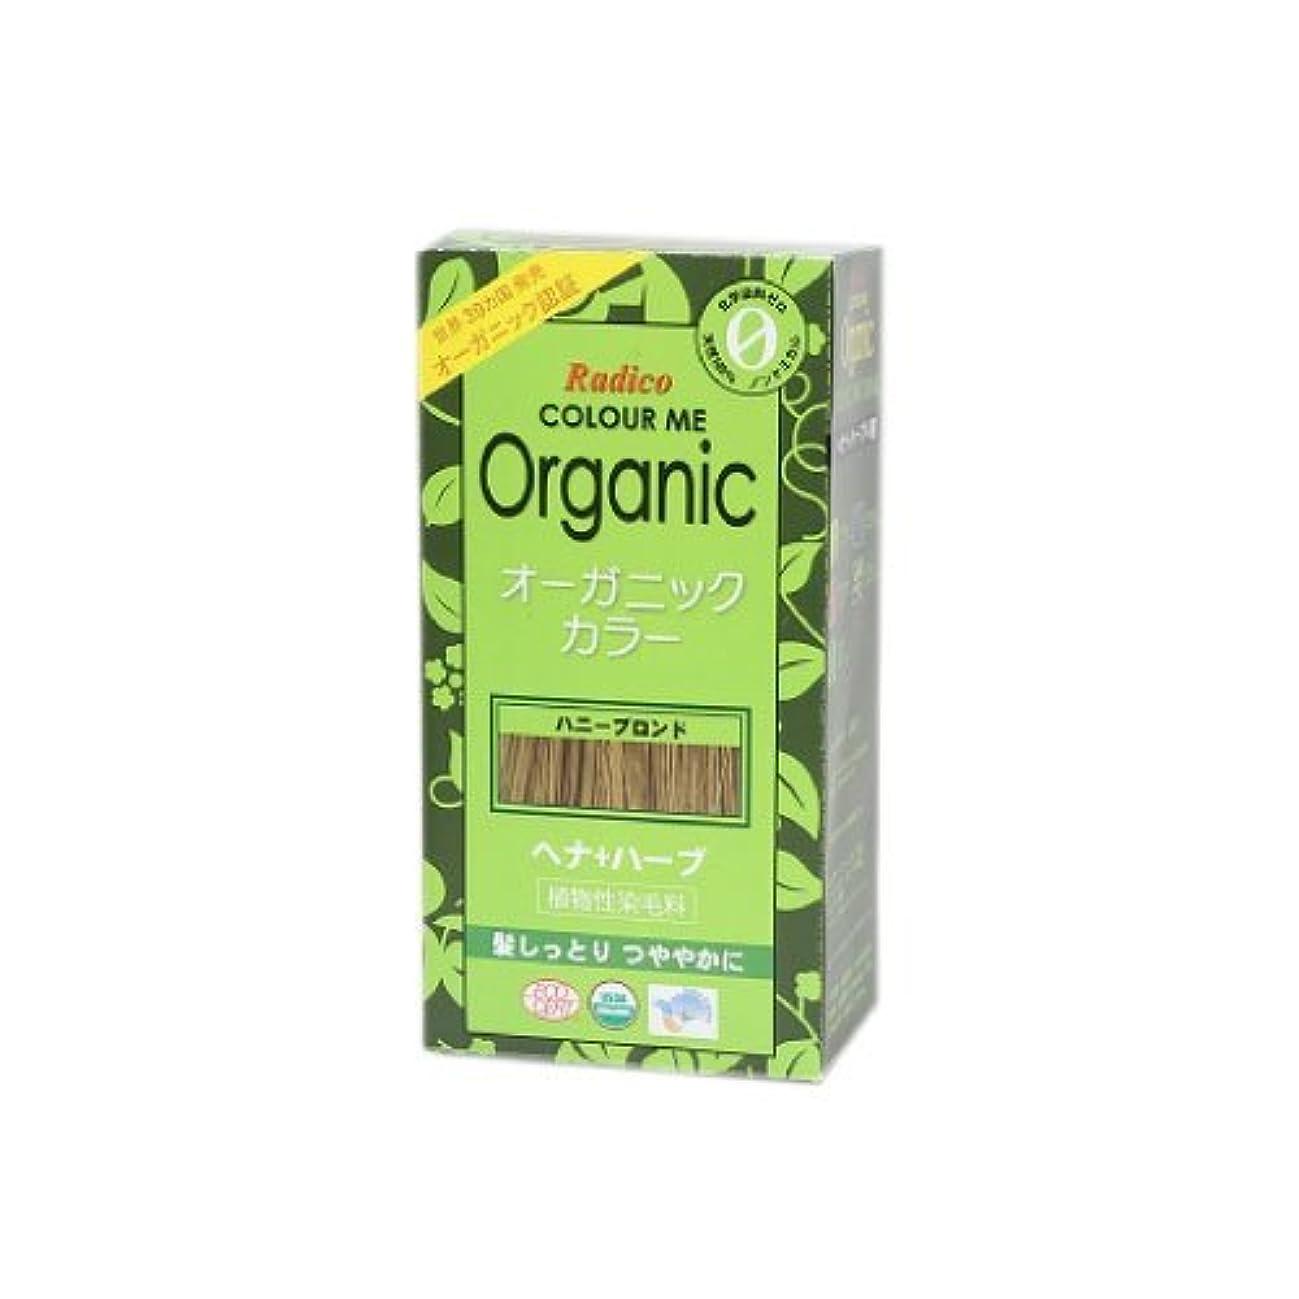 より良い高齢者羊COLOURME Organic (カラーミーオーガニック ヘナ 白髪用) ハニーブロンド 100g